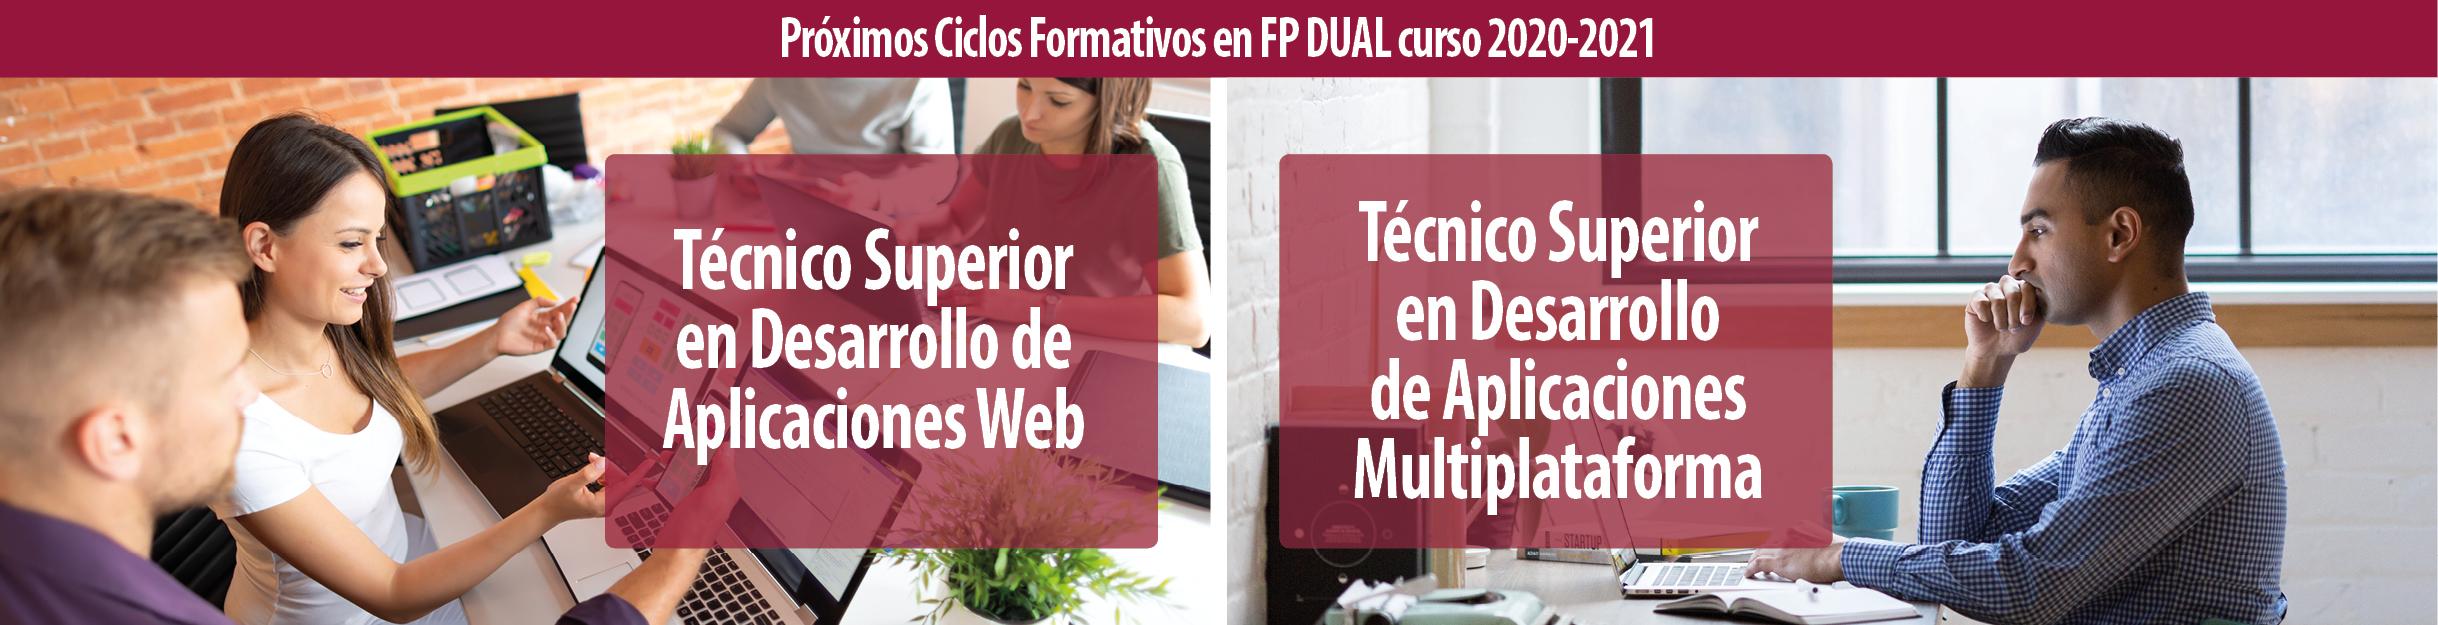 web-Nuevos-ciclos-informatica